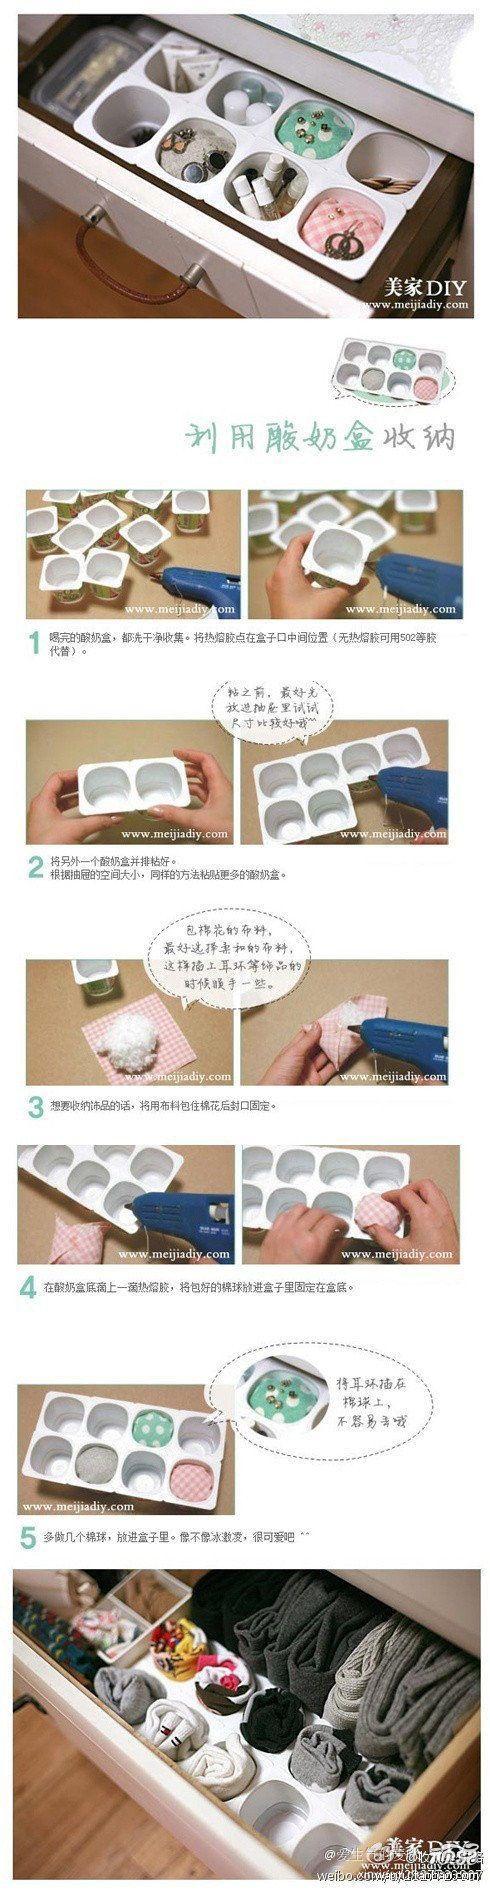 DIY Organiser. Using empty yogurt cans. Cool!